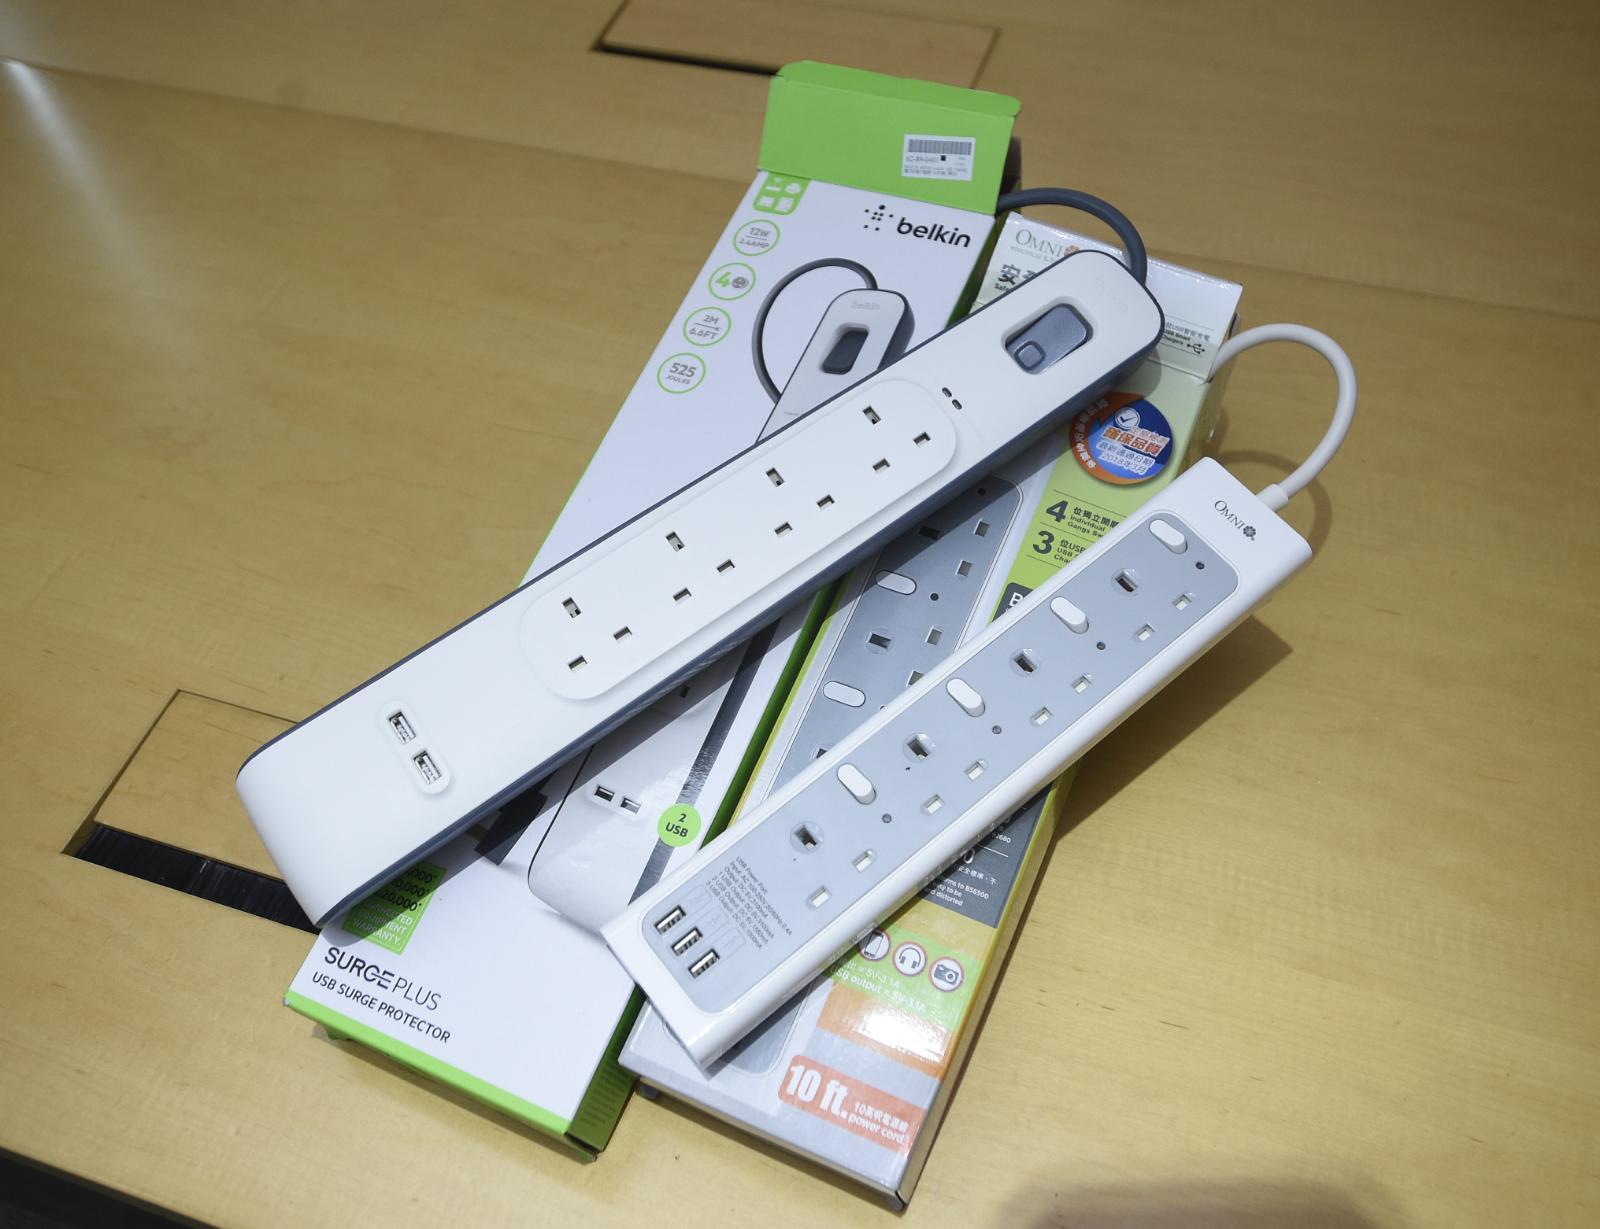 消委會:15款USB充電拖板僅兩款合格 「Ldnio」無保險絲須回收